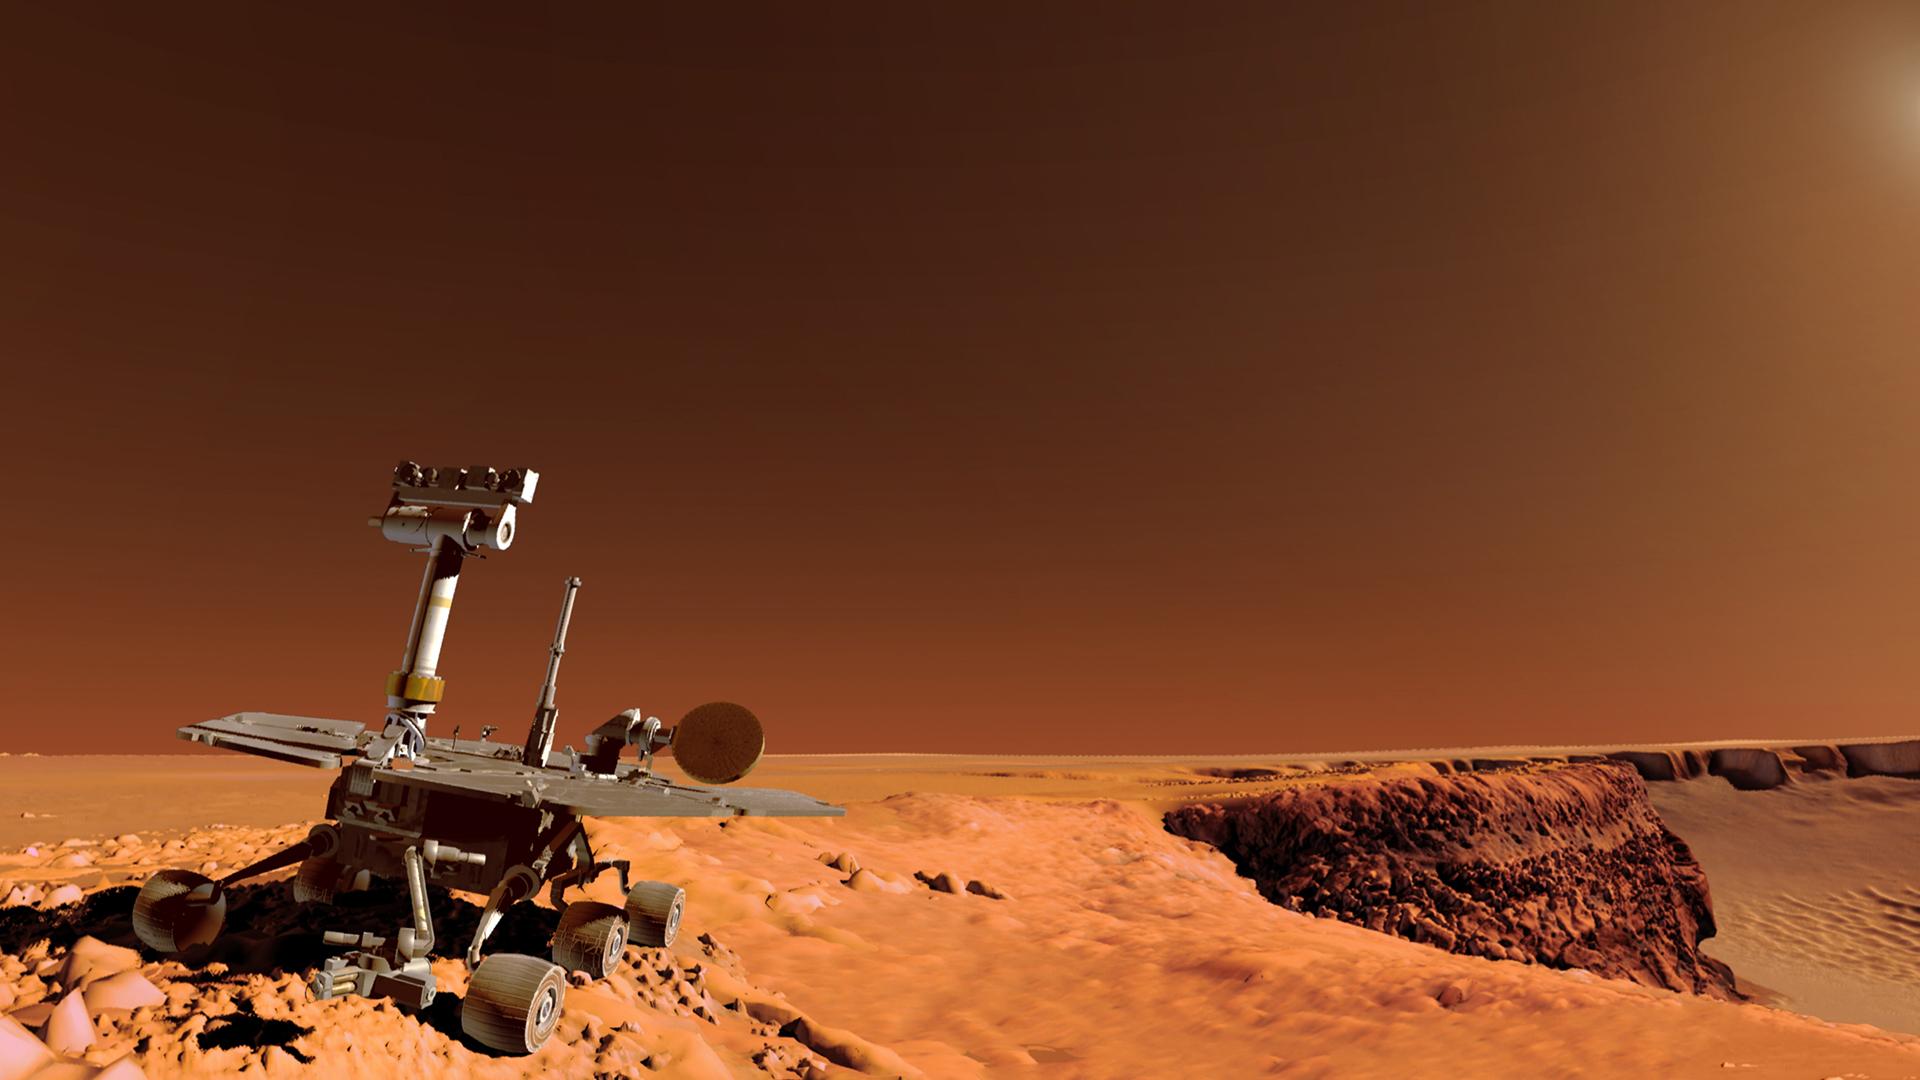 картинки миссия на марс продолжаю работать над